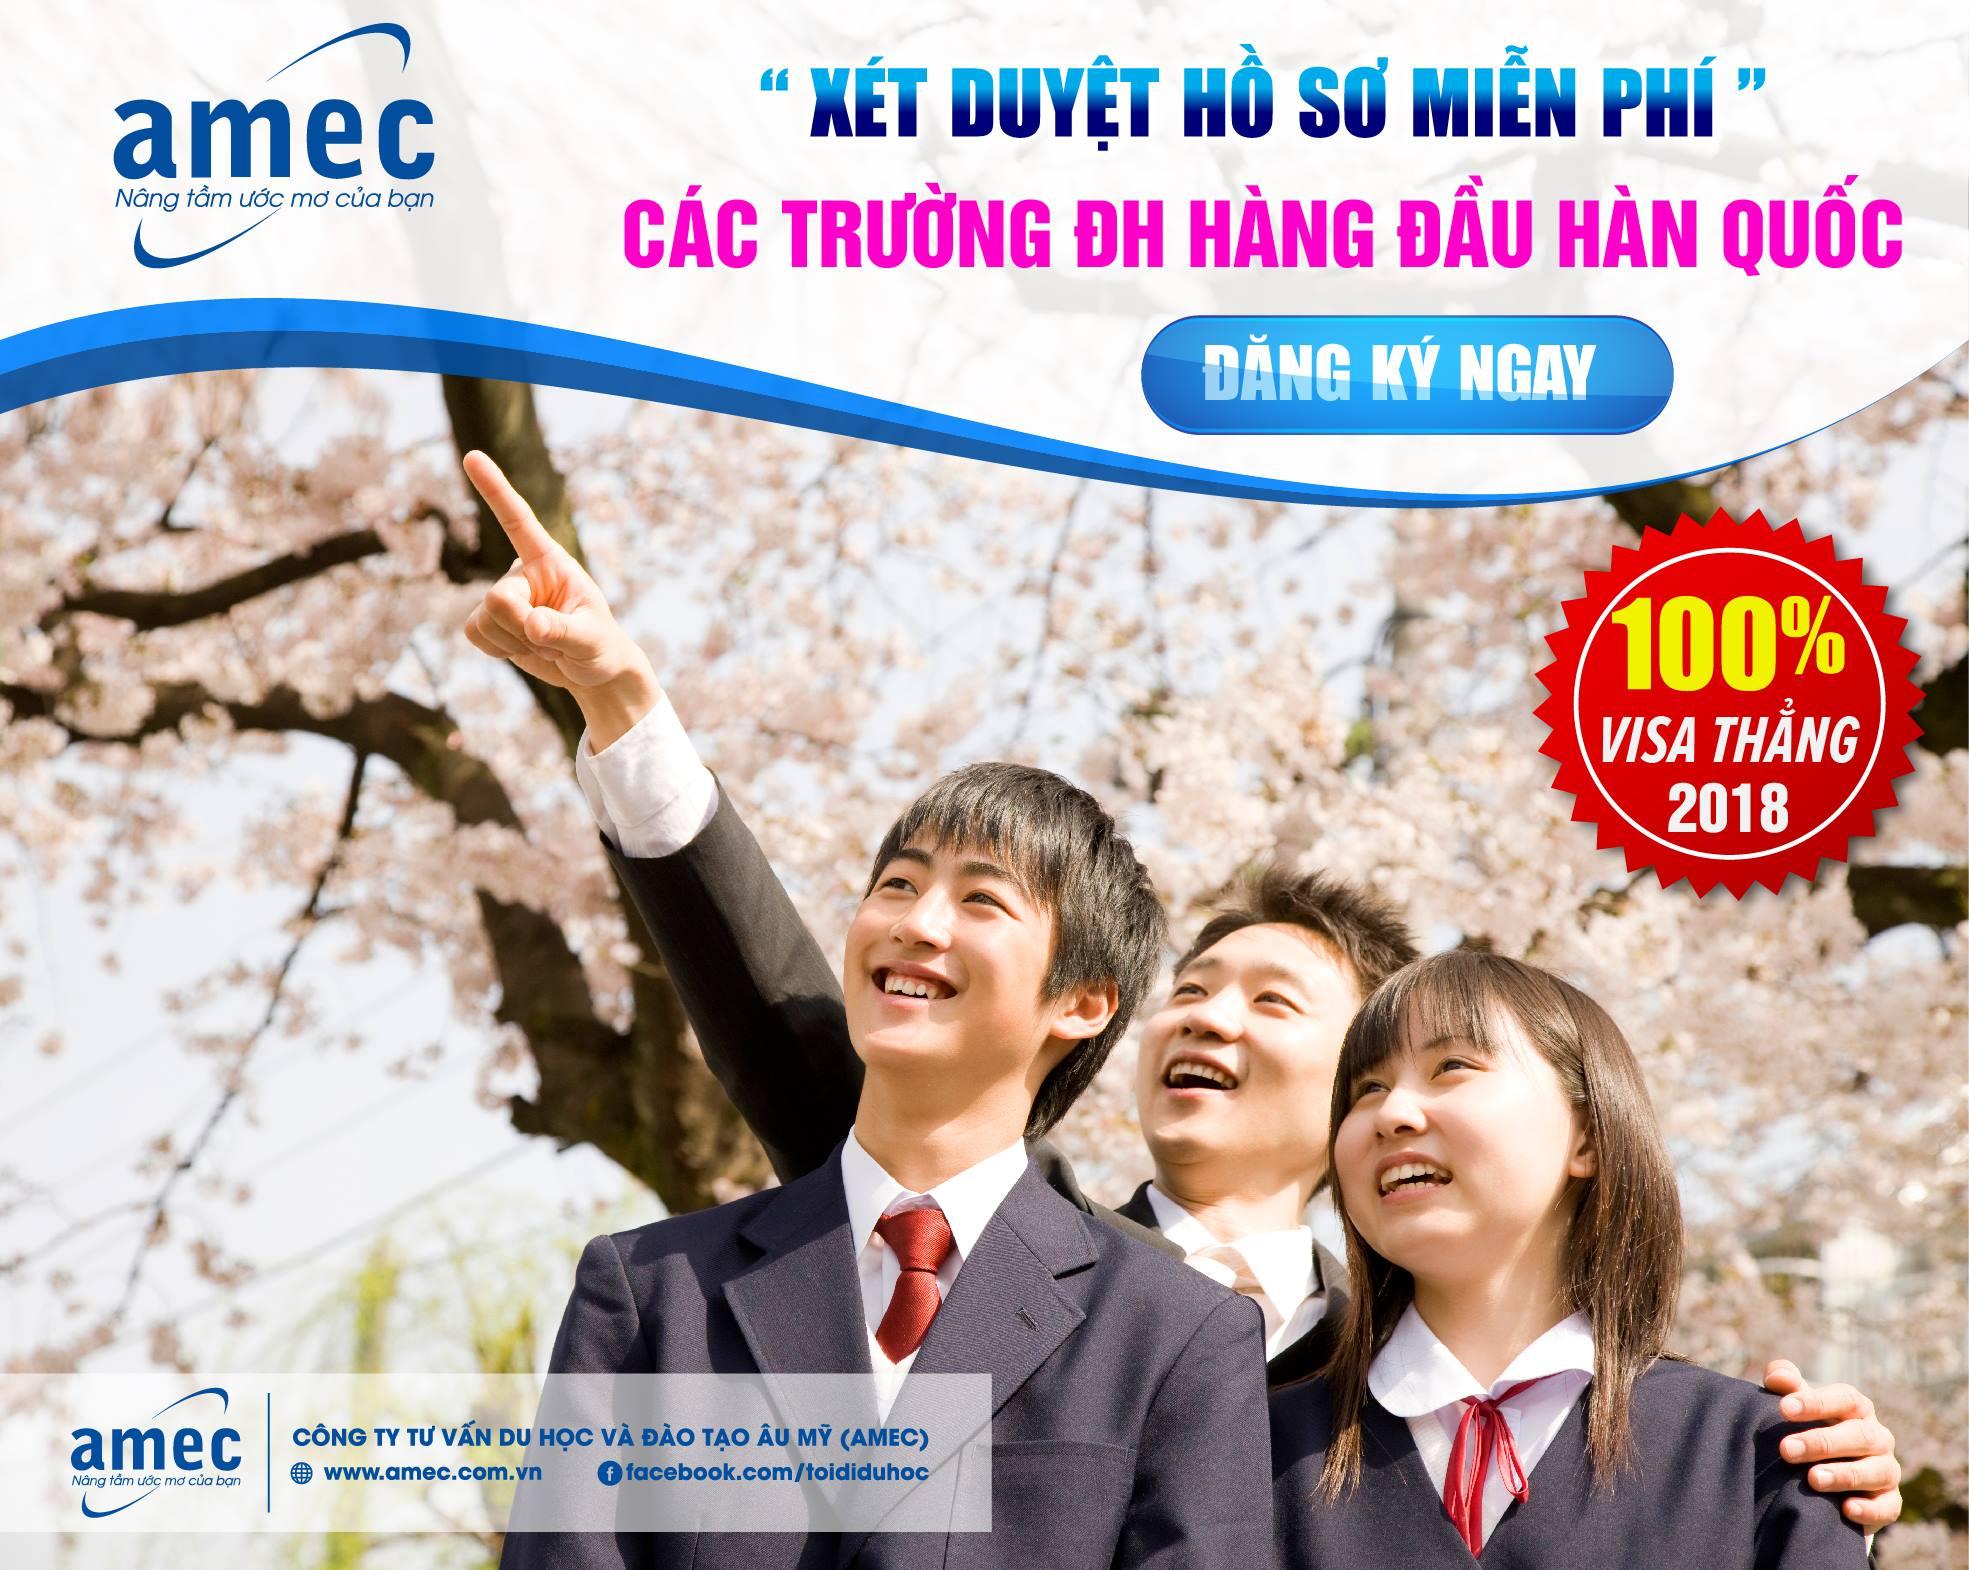 TIN NÓNG : AMEC mở đợt xét tuyển hồ sơ miễn phí khu vực miền Nam – Tặng 100$ cho hồ sơ đạt yêu cầu